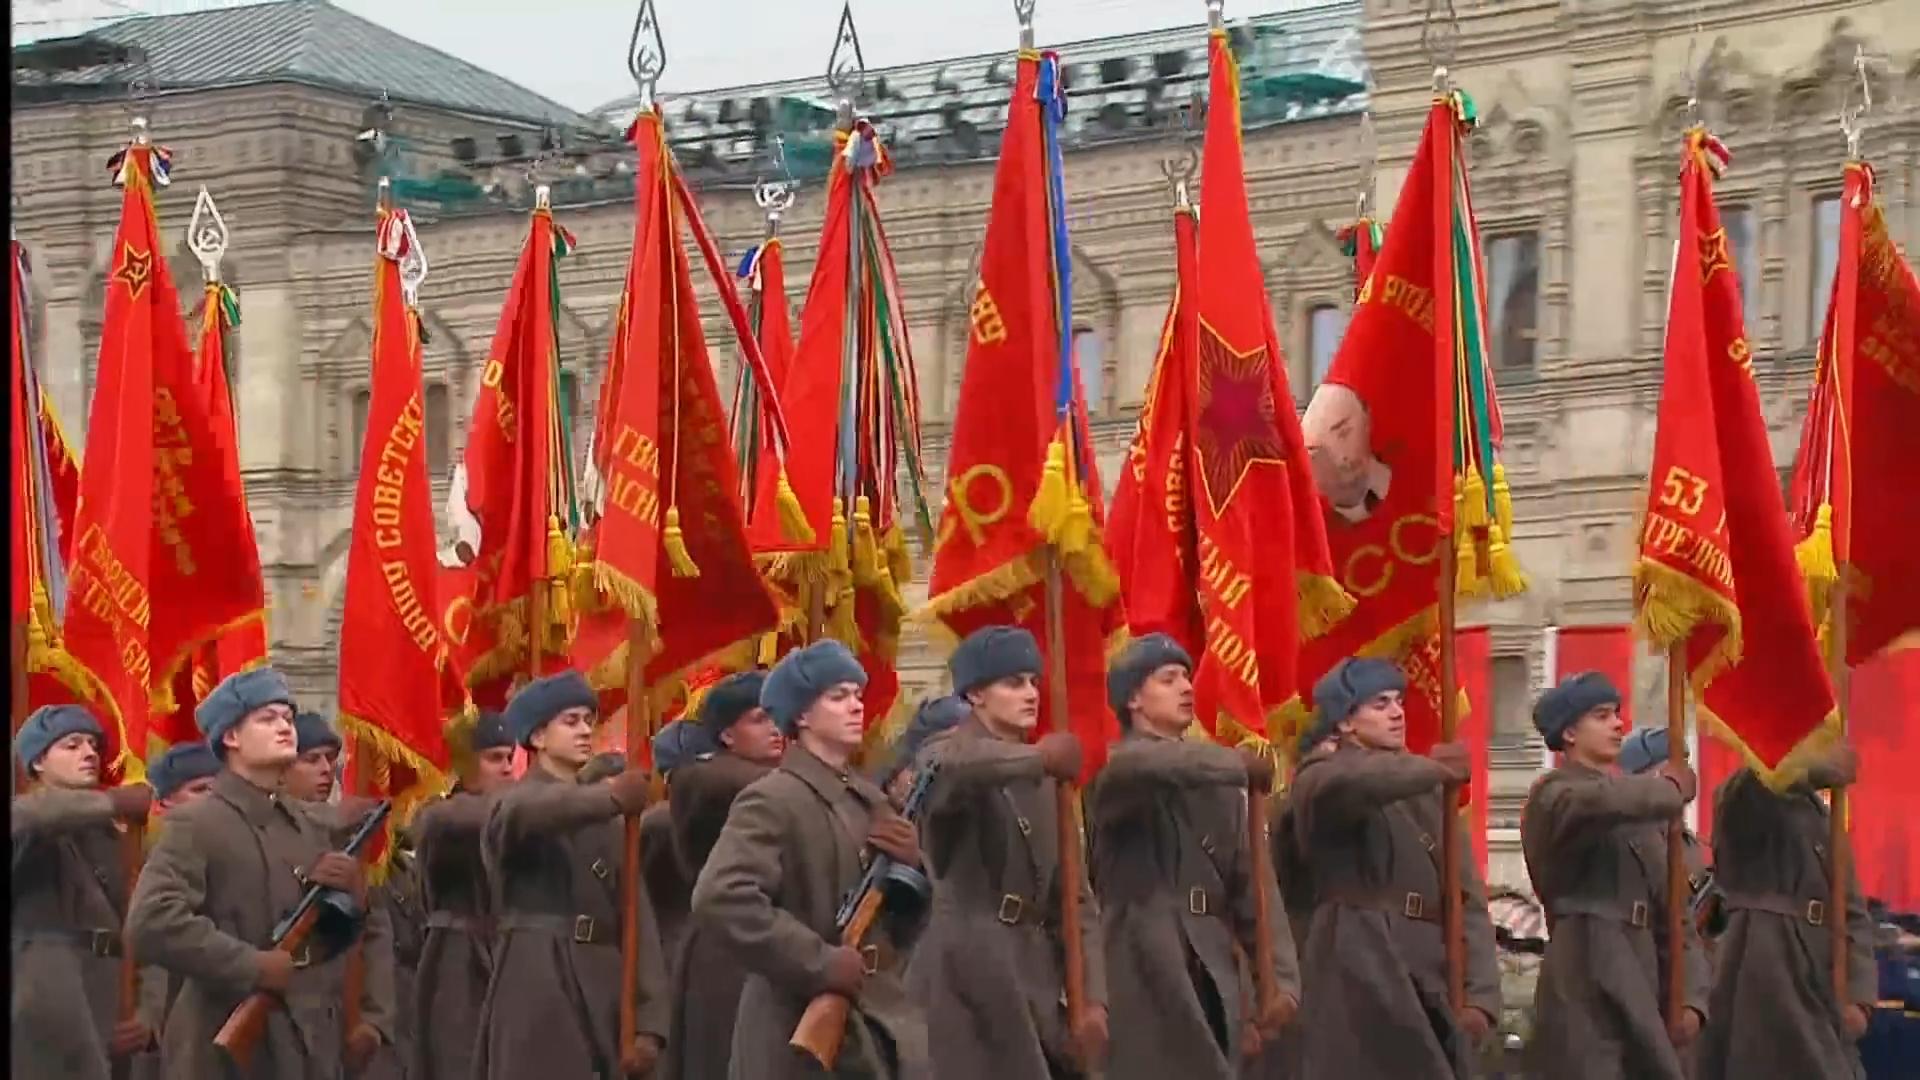 41-Марш в честь годовщины парада на Красной площади 1941-го года в Москве. Прямая трансляция